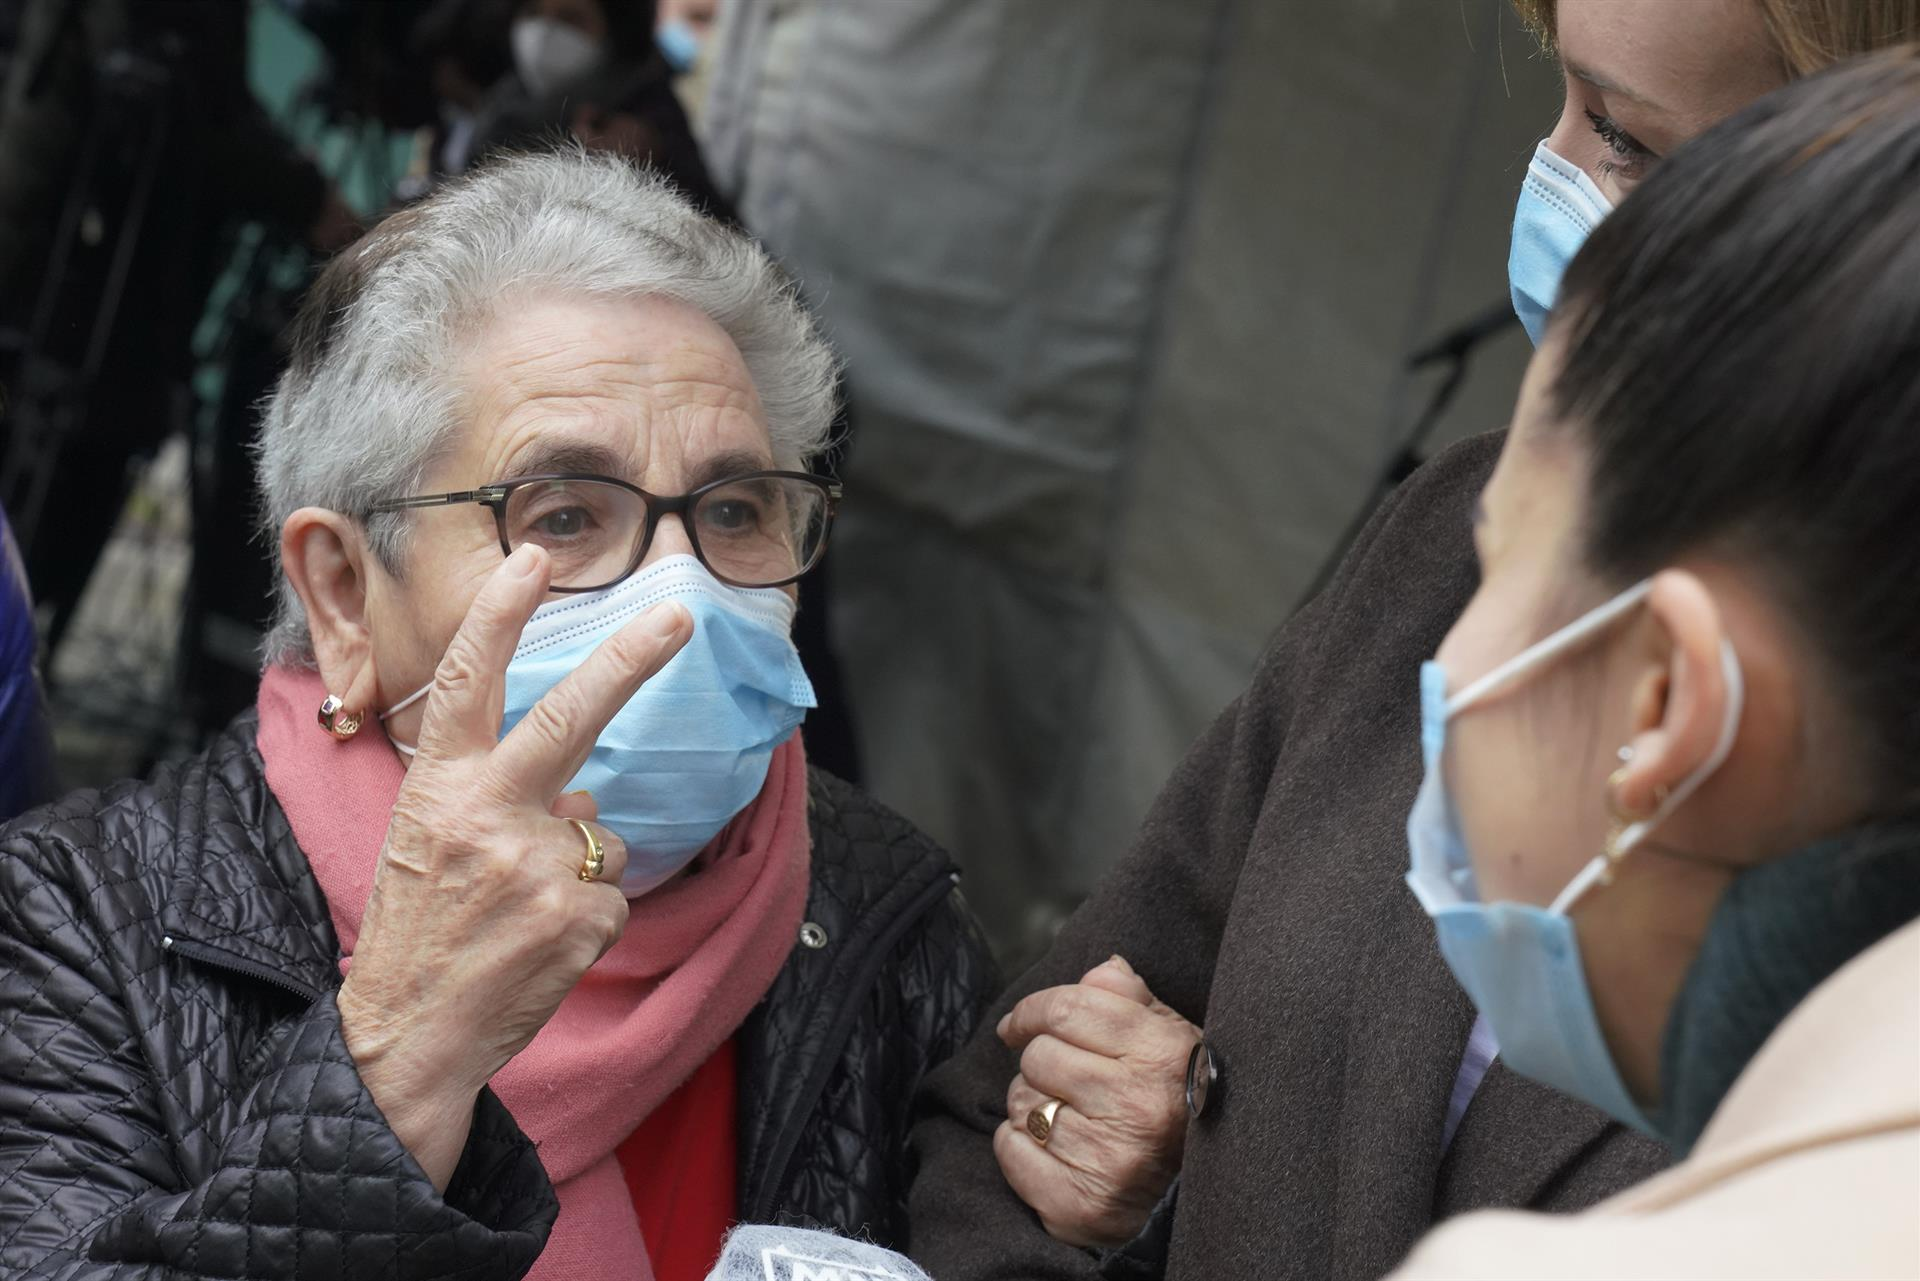 Nieves Cabo Vidal, una mujer de 82 años residente del centro de mayores Porta do Camiño de Santiago, ha sido la primera persona en recibir la vacuna contra la Covid-19 en Galicia, en Santiago de Compostela (Galicia, España), a 27 de diciembre de - Álvaro Ballesteros